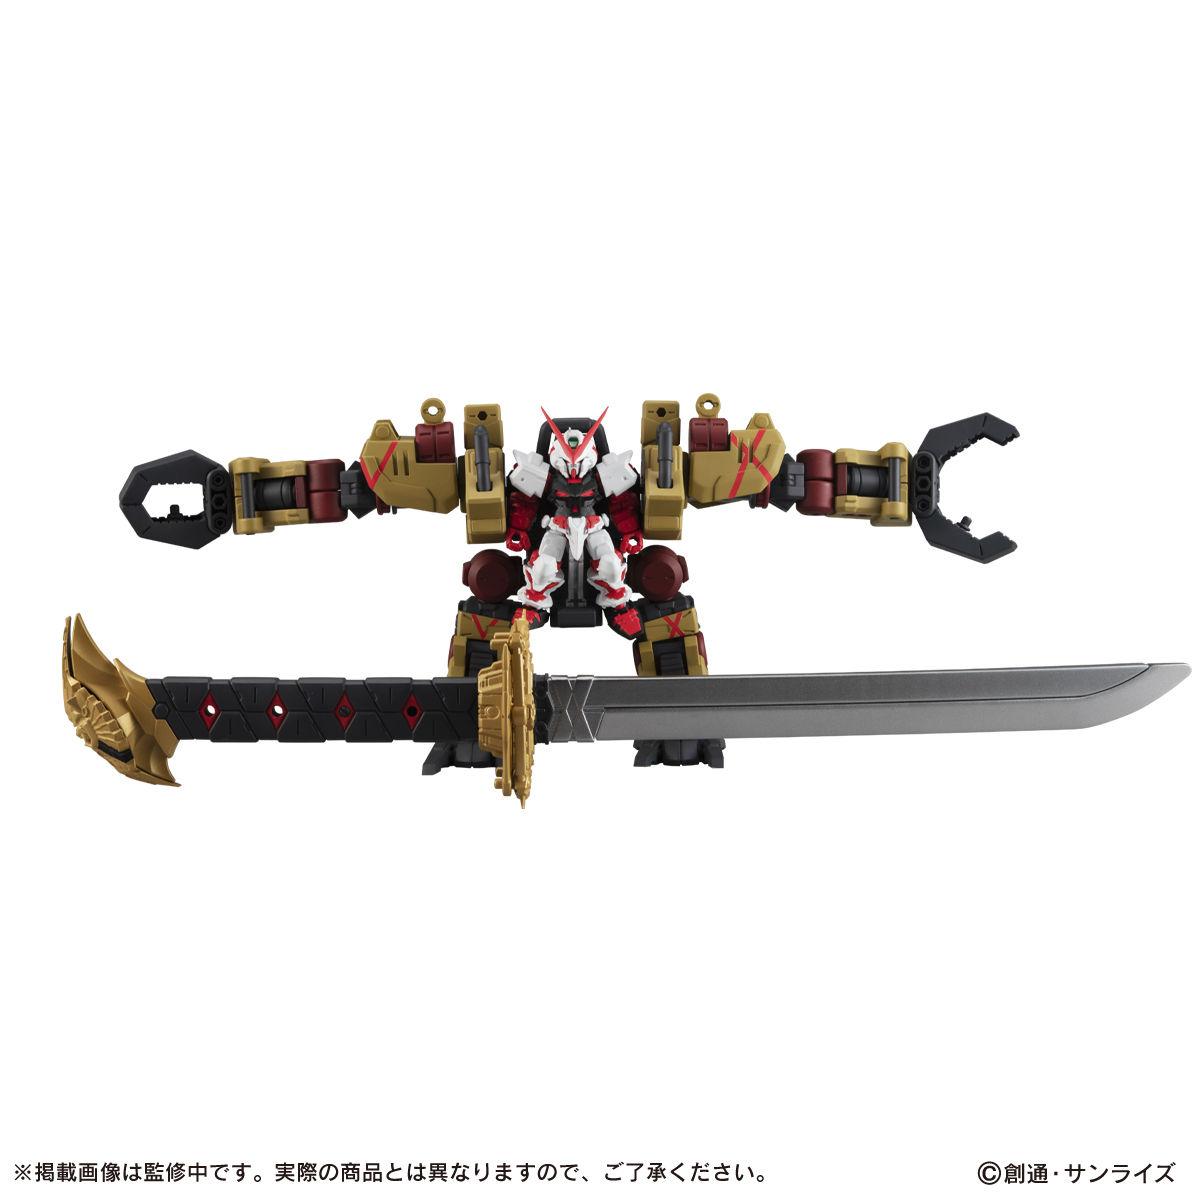 機動戦士ガンダム『MOBILE SUIT ENSEMBLE19』デフォルメ可動フィギュア 10個入りBOX-013